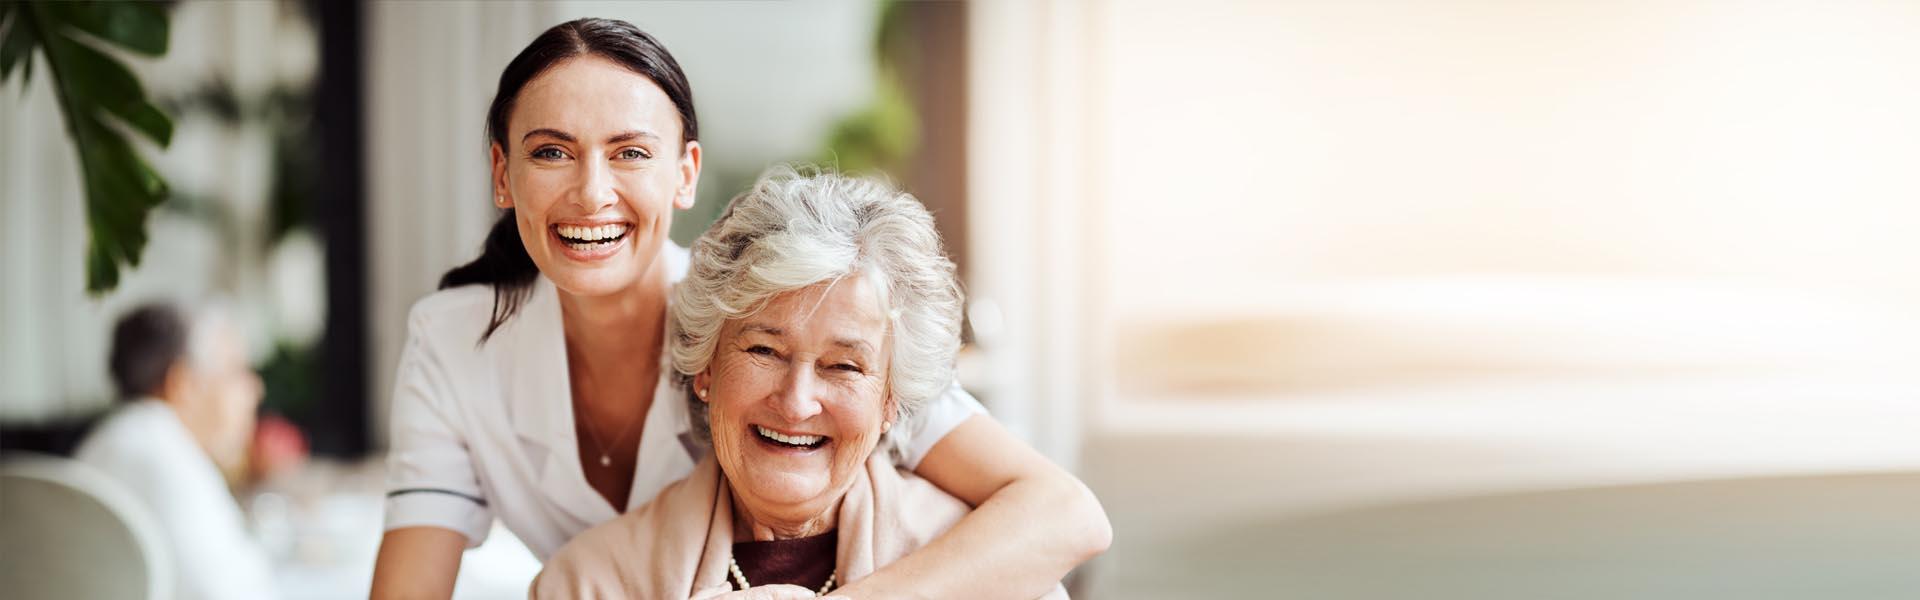 Schreiber-Diesntleistungen-Seniorenbetreuung-Header-1